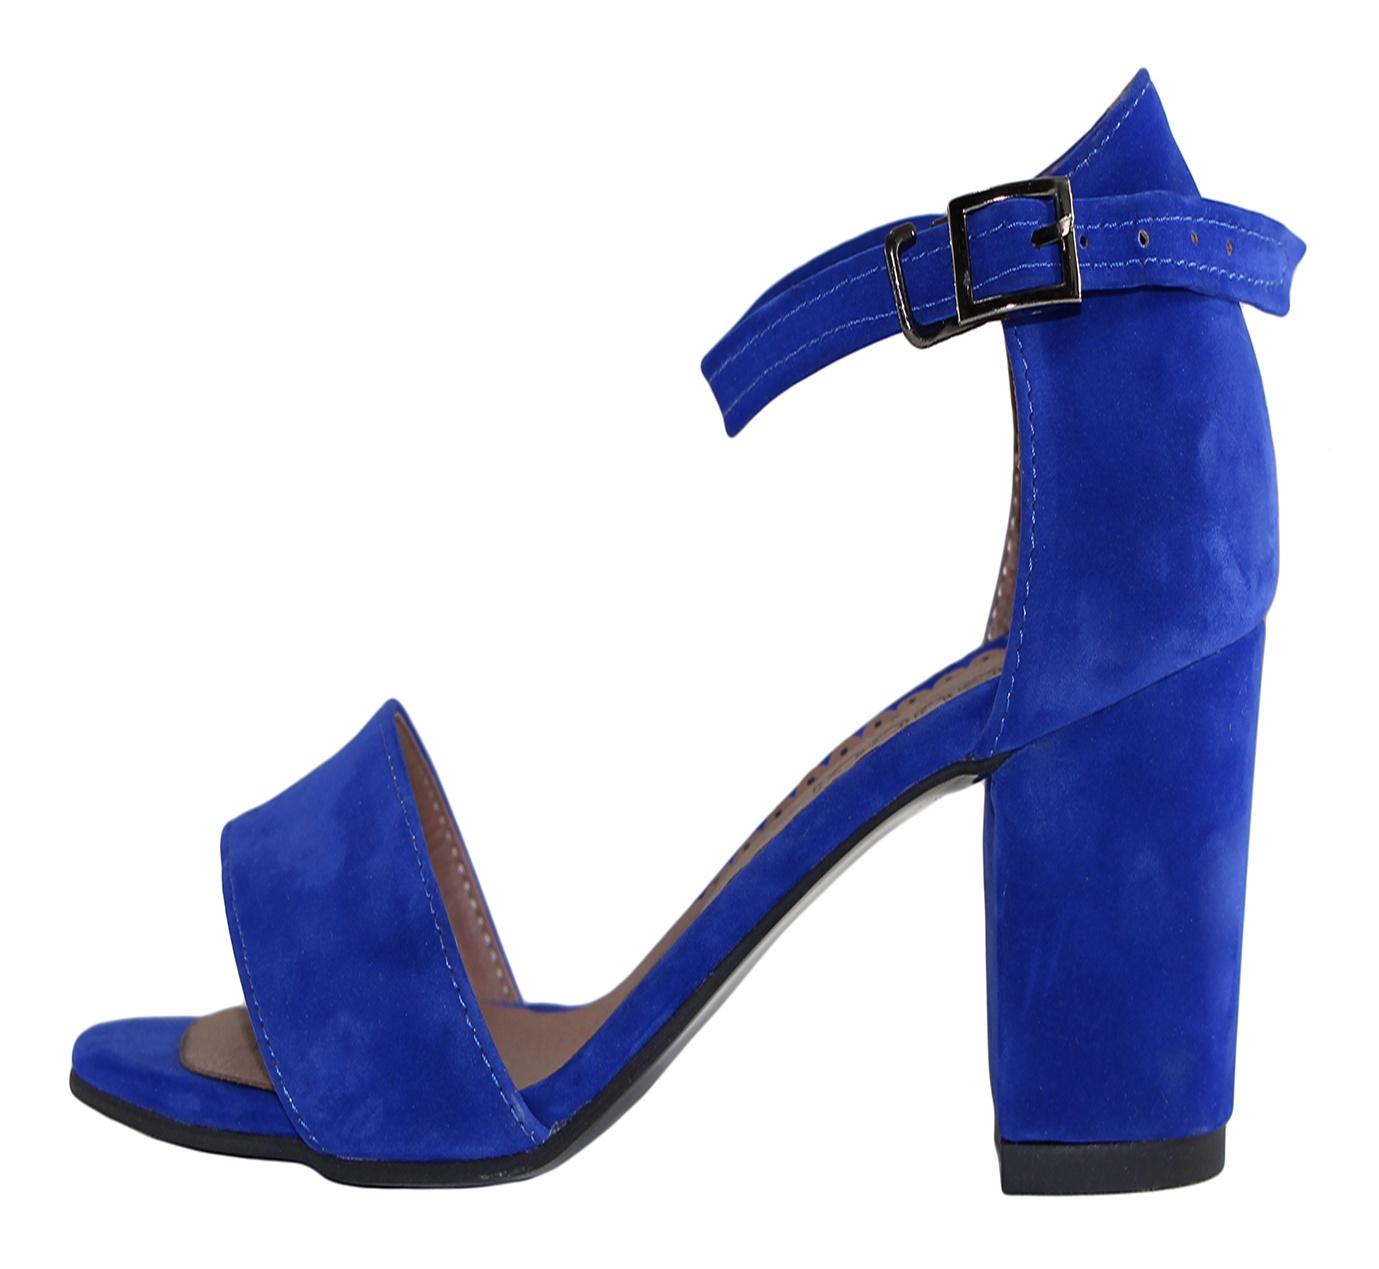 کفش زنانه عالیجناب کد kl211310bl